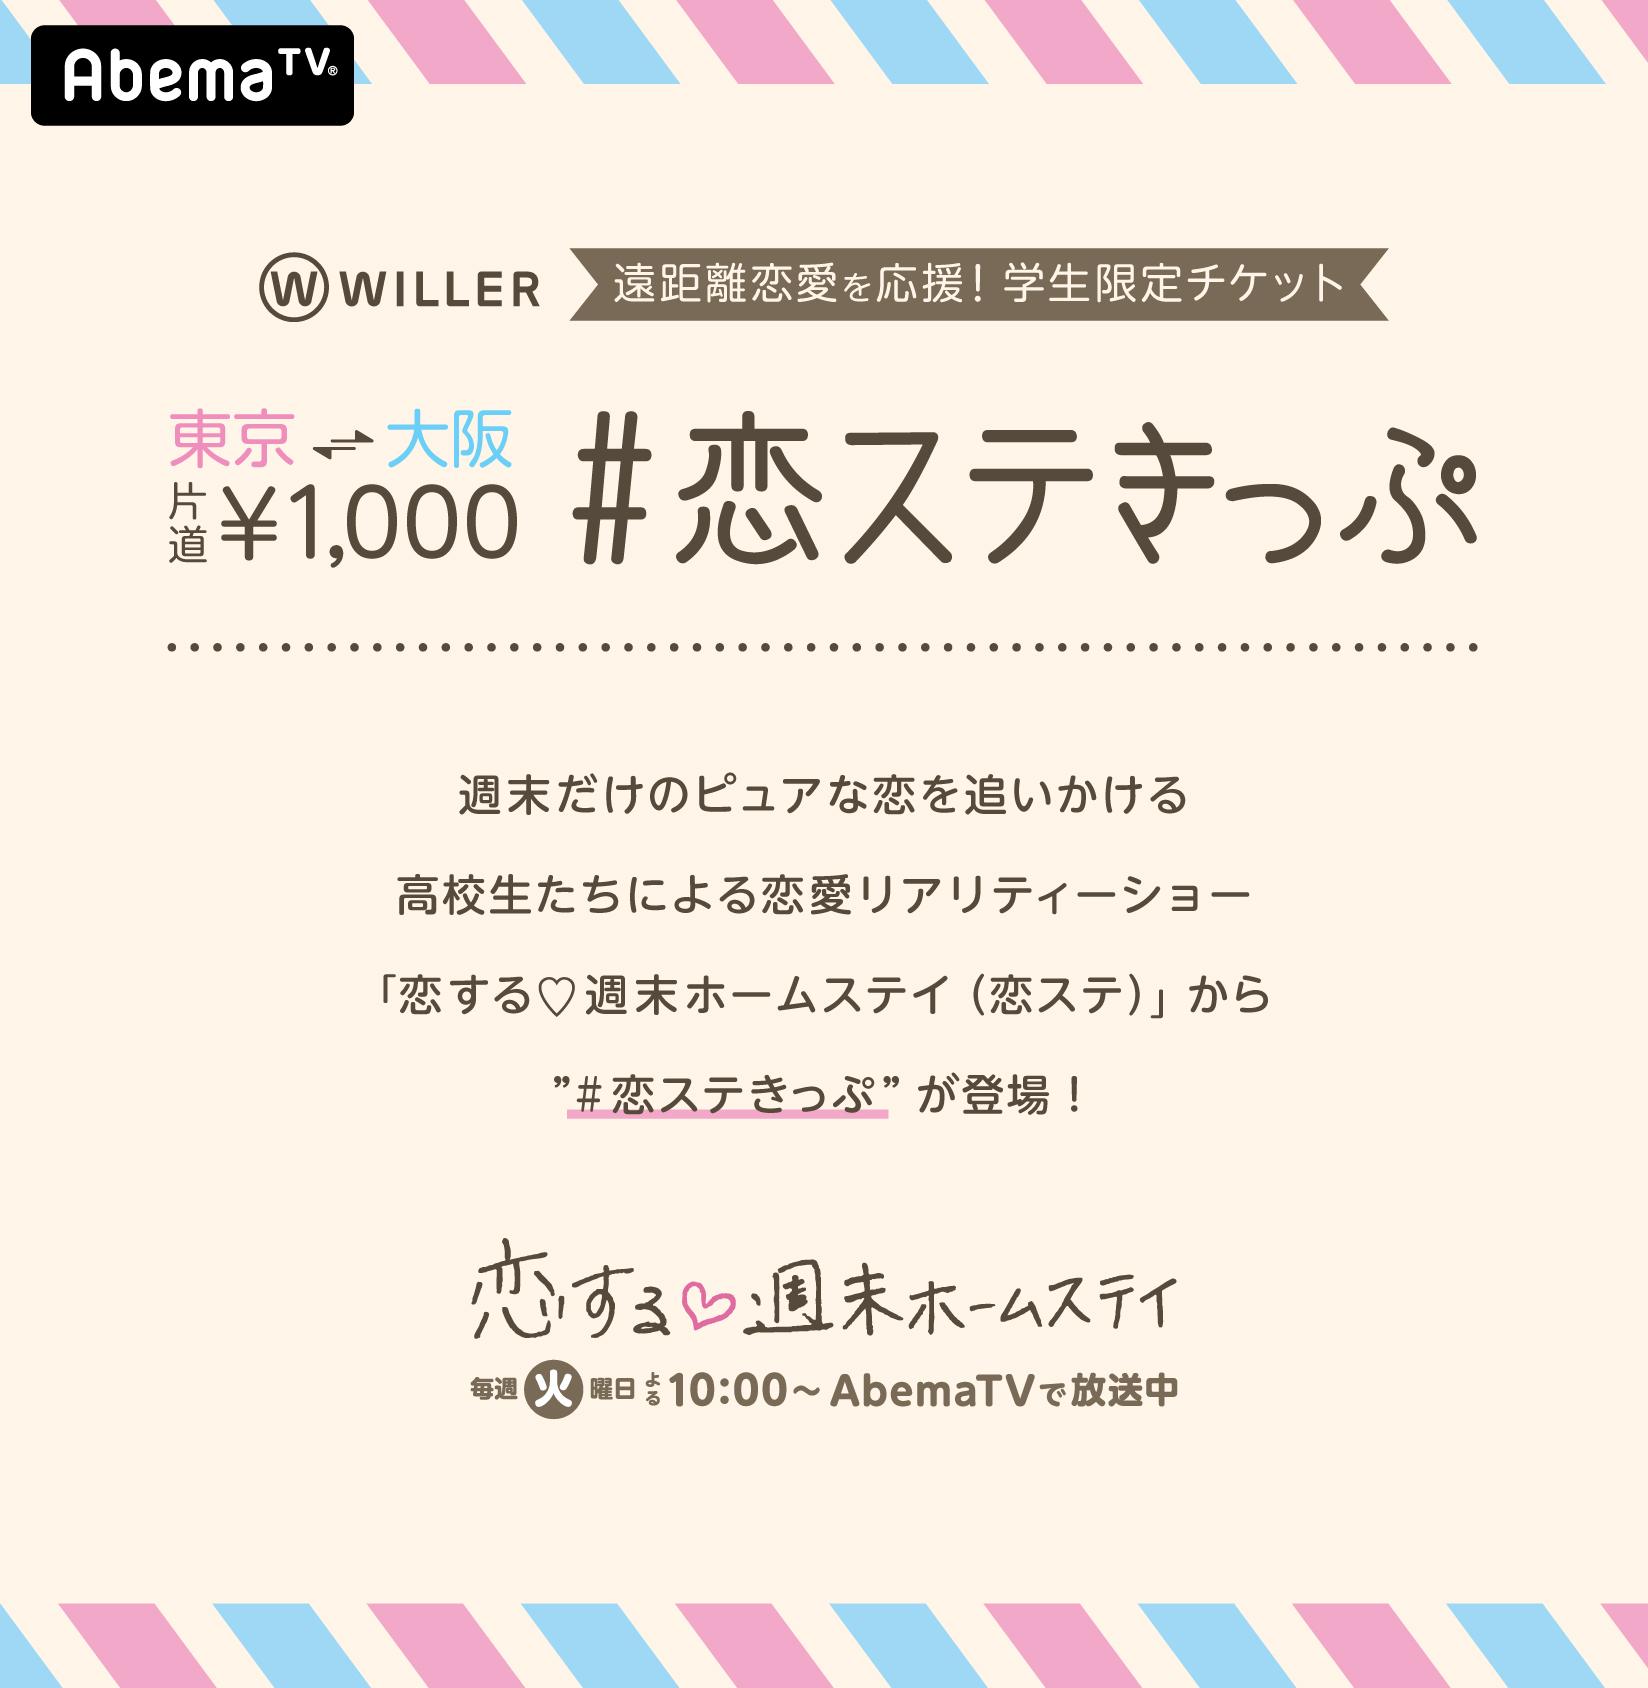 高速バスの「WILLER EXPRESS」で学生限定「恋♡ステきっぷ」。週末の東京大阪間限定で片道1000円~3000円。10/16 12時~。